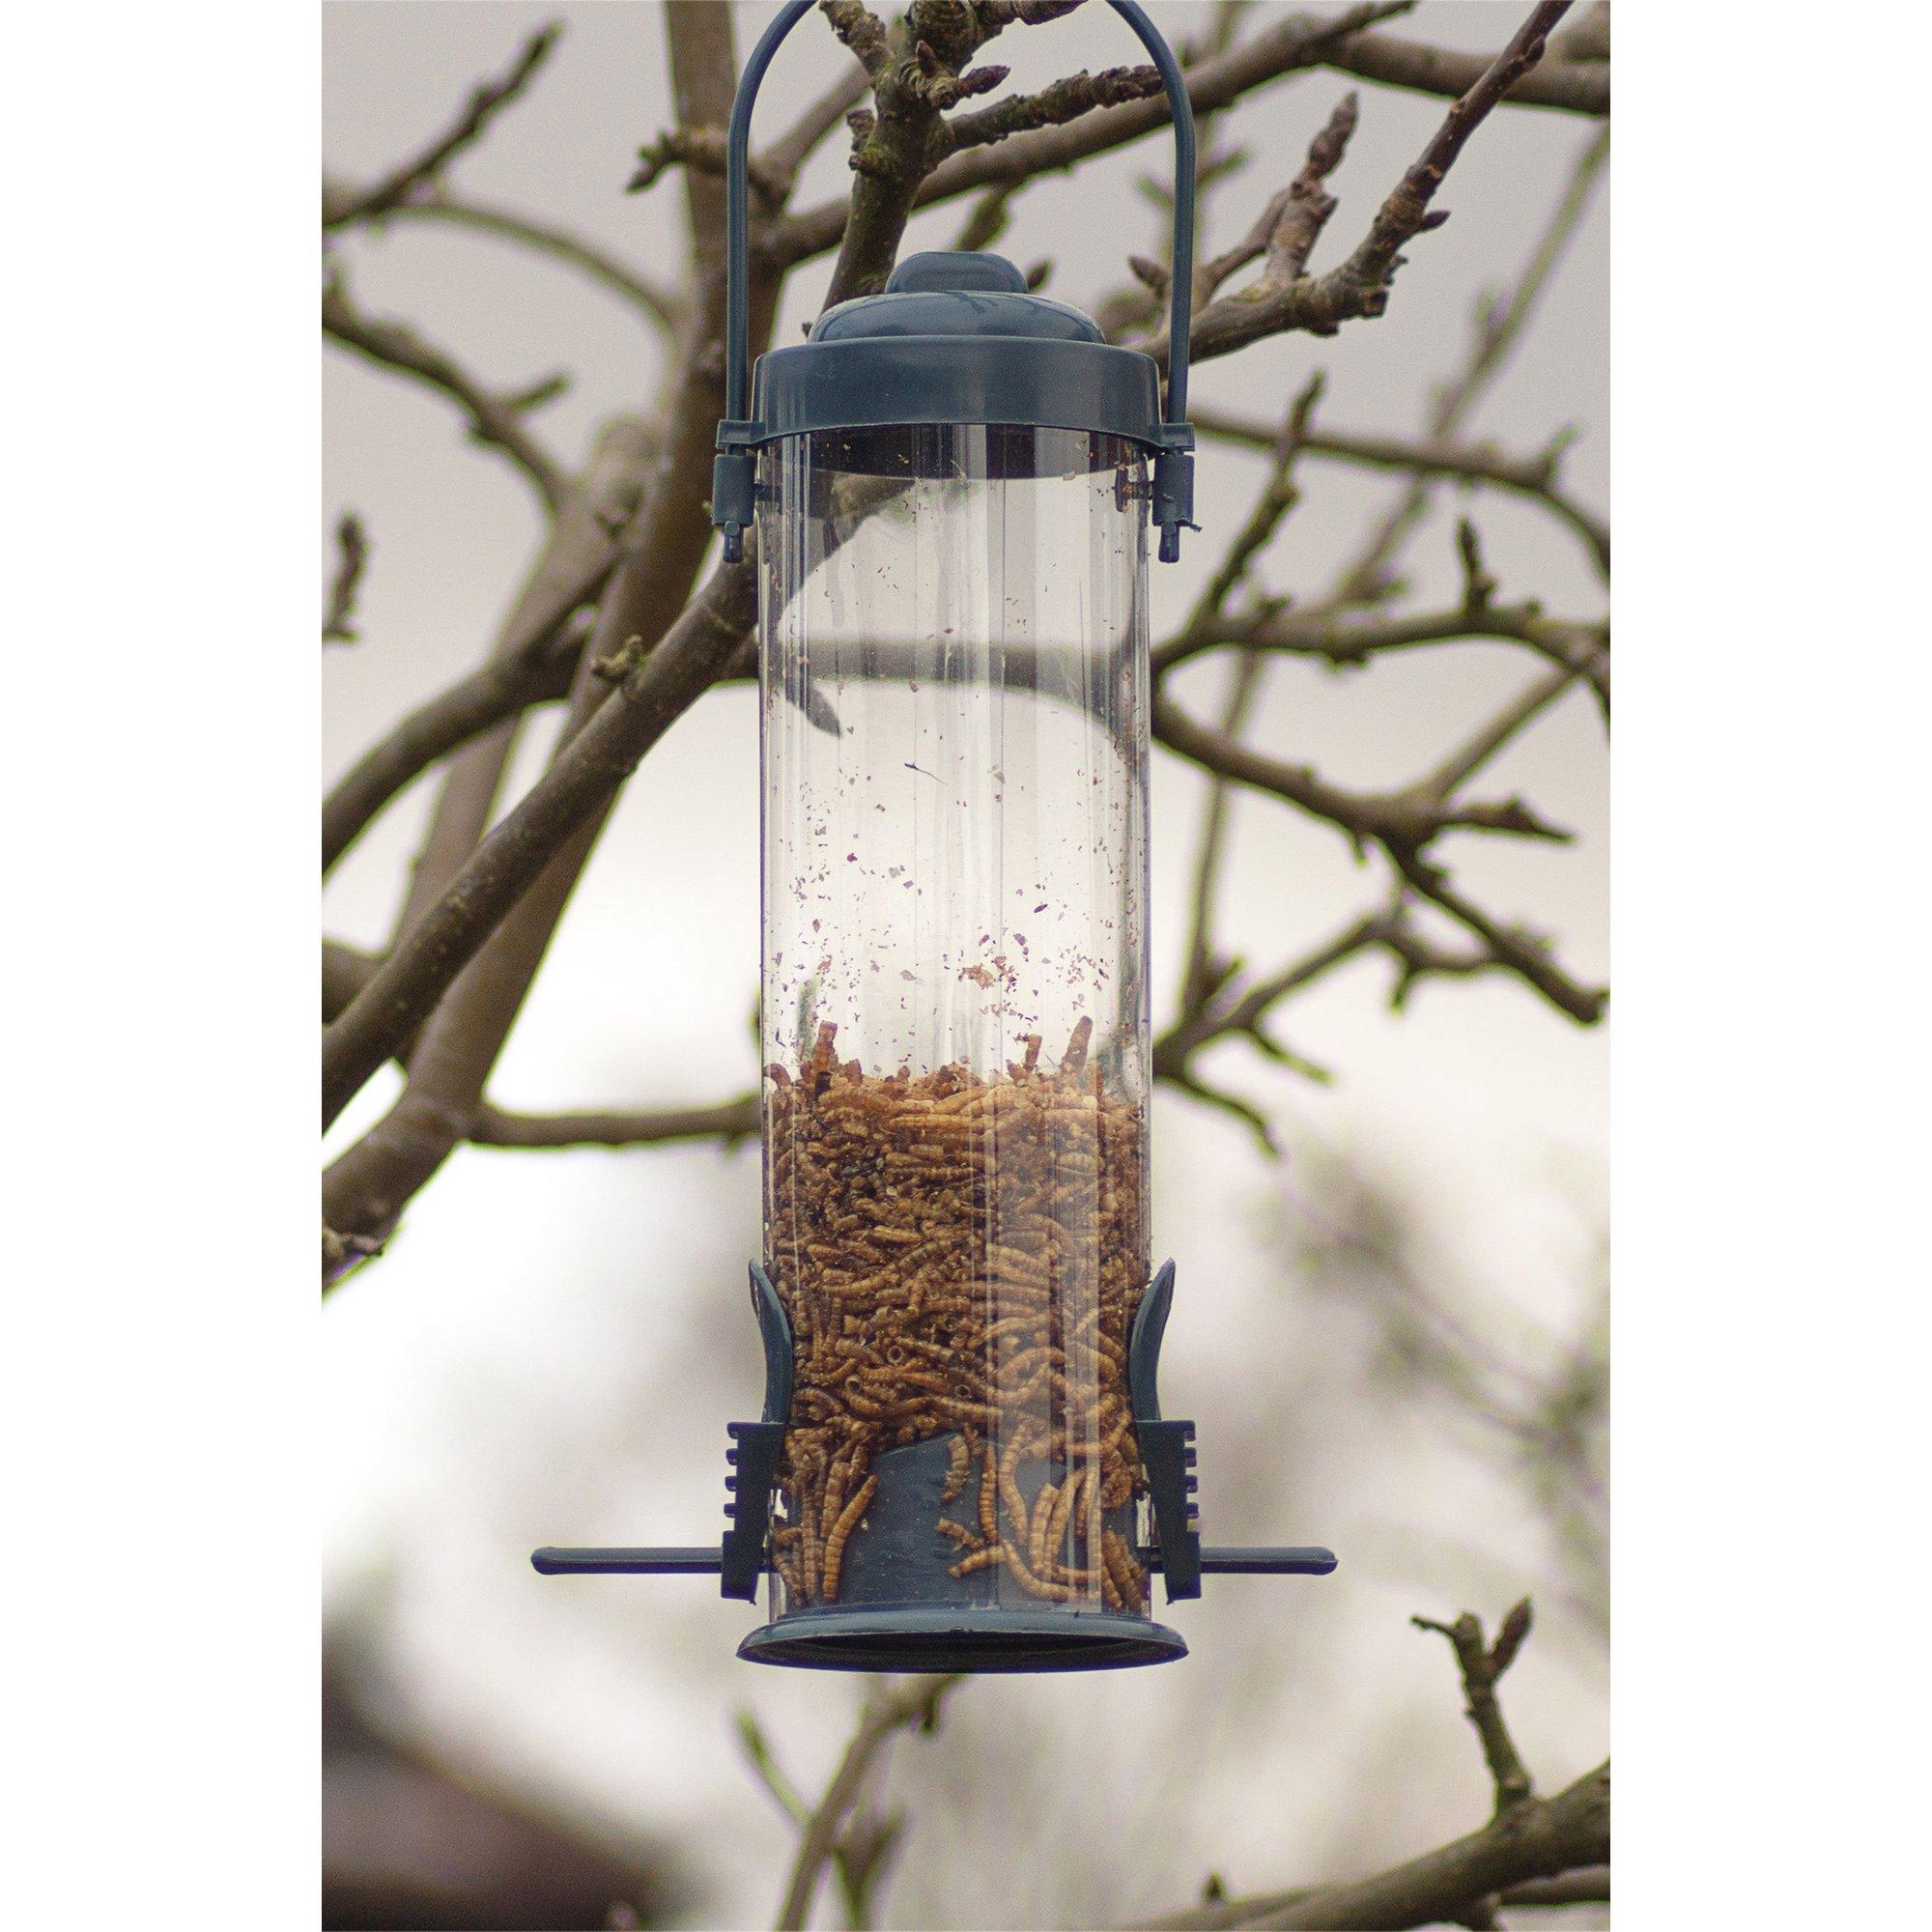 Image of Garden Hanging Bird Feeder